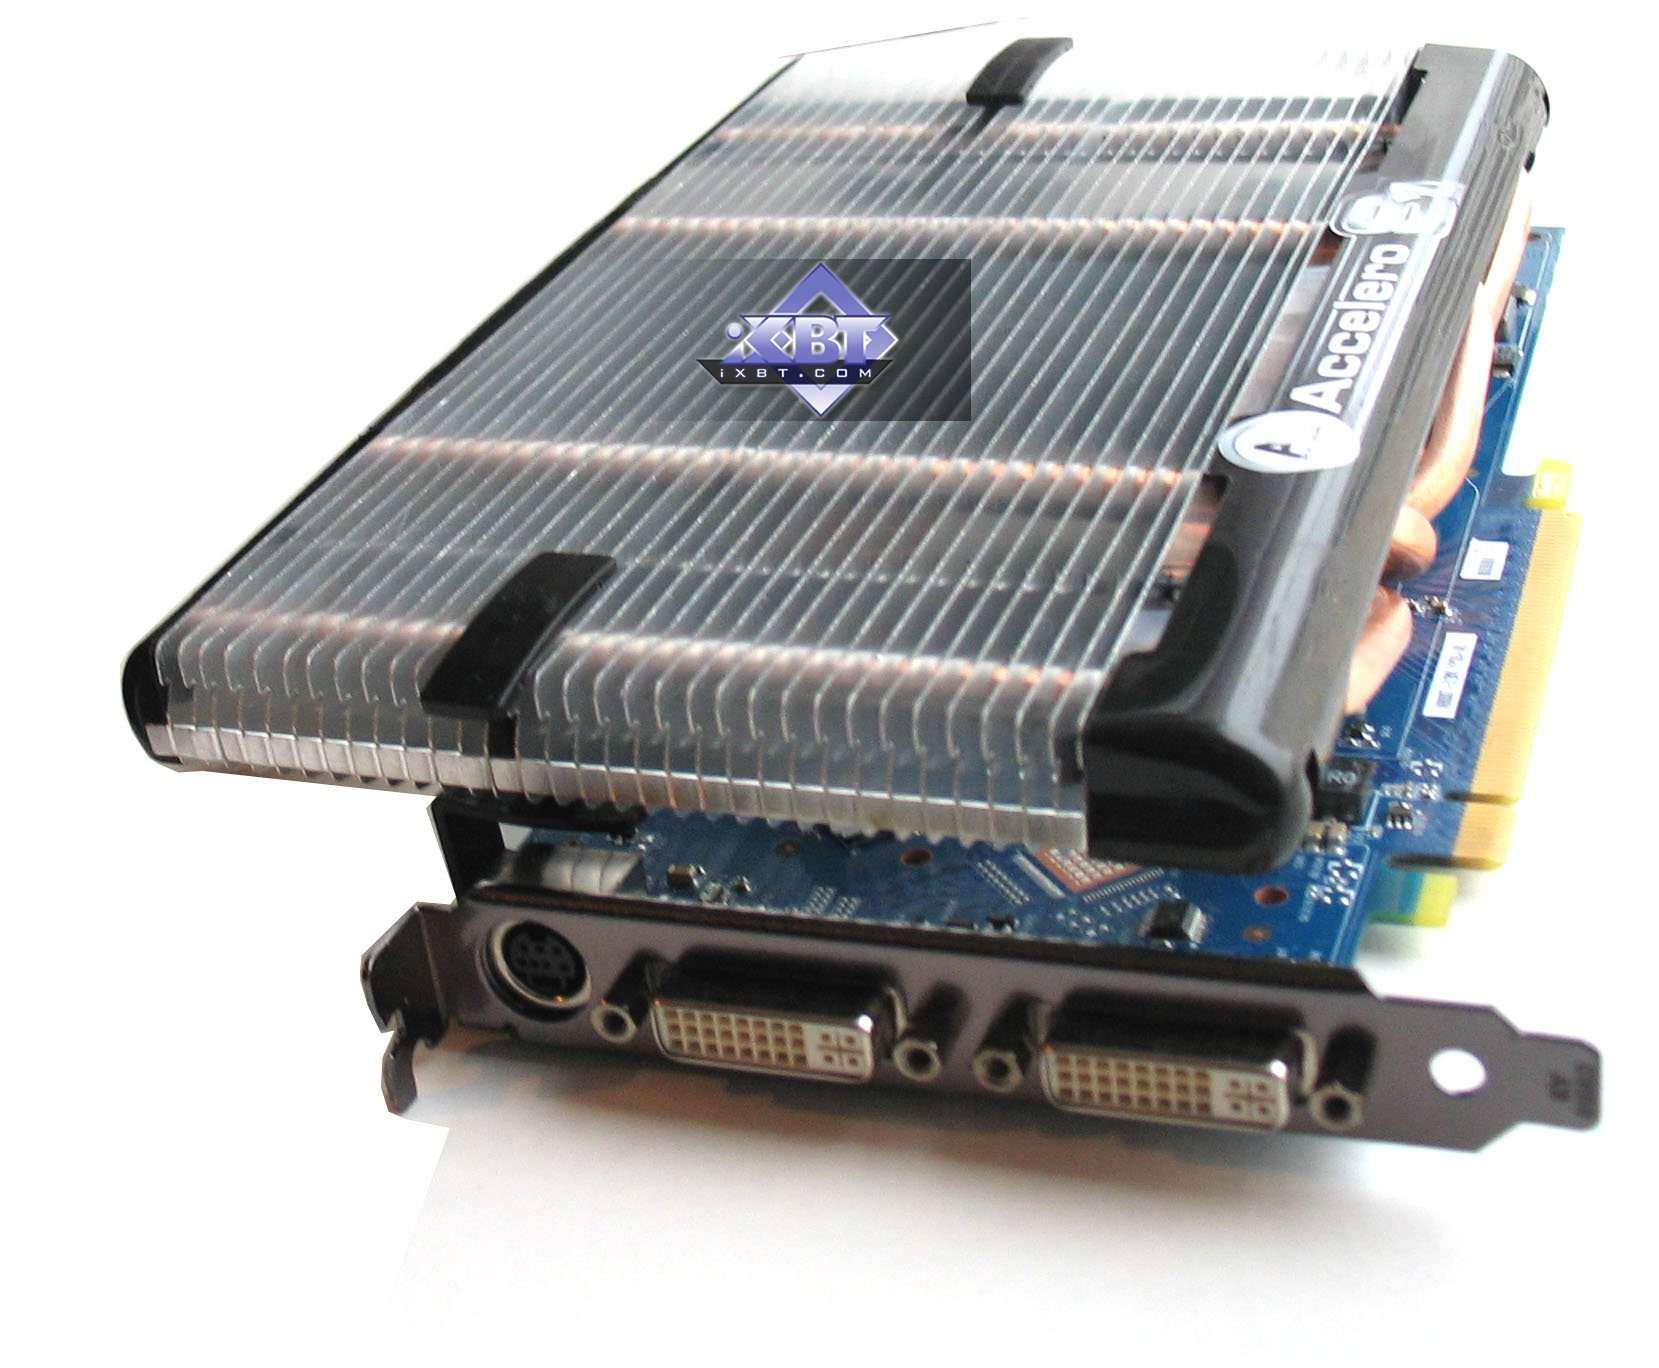 ECS GeForce 8800 GT Accelero S1